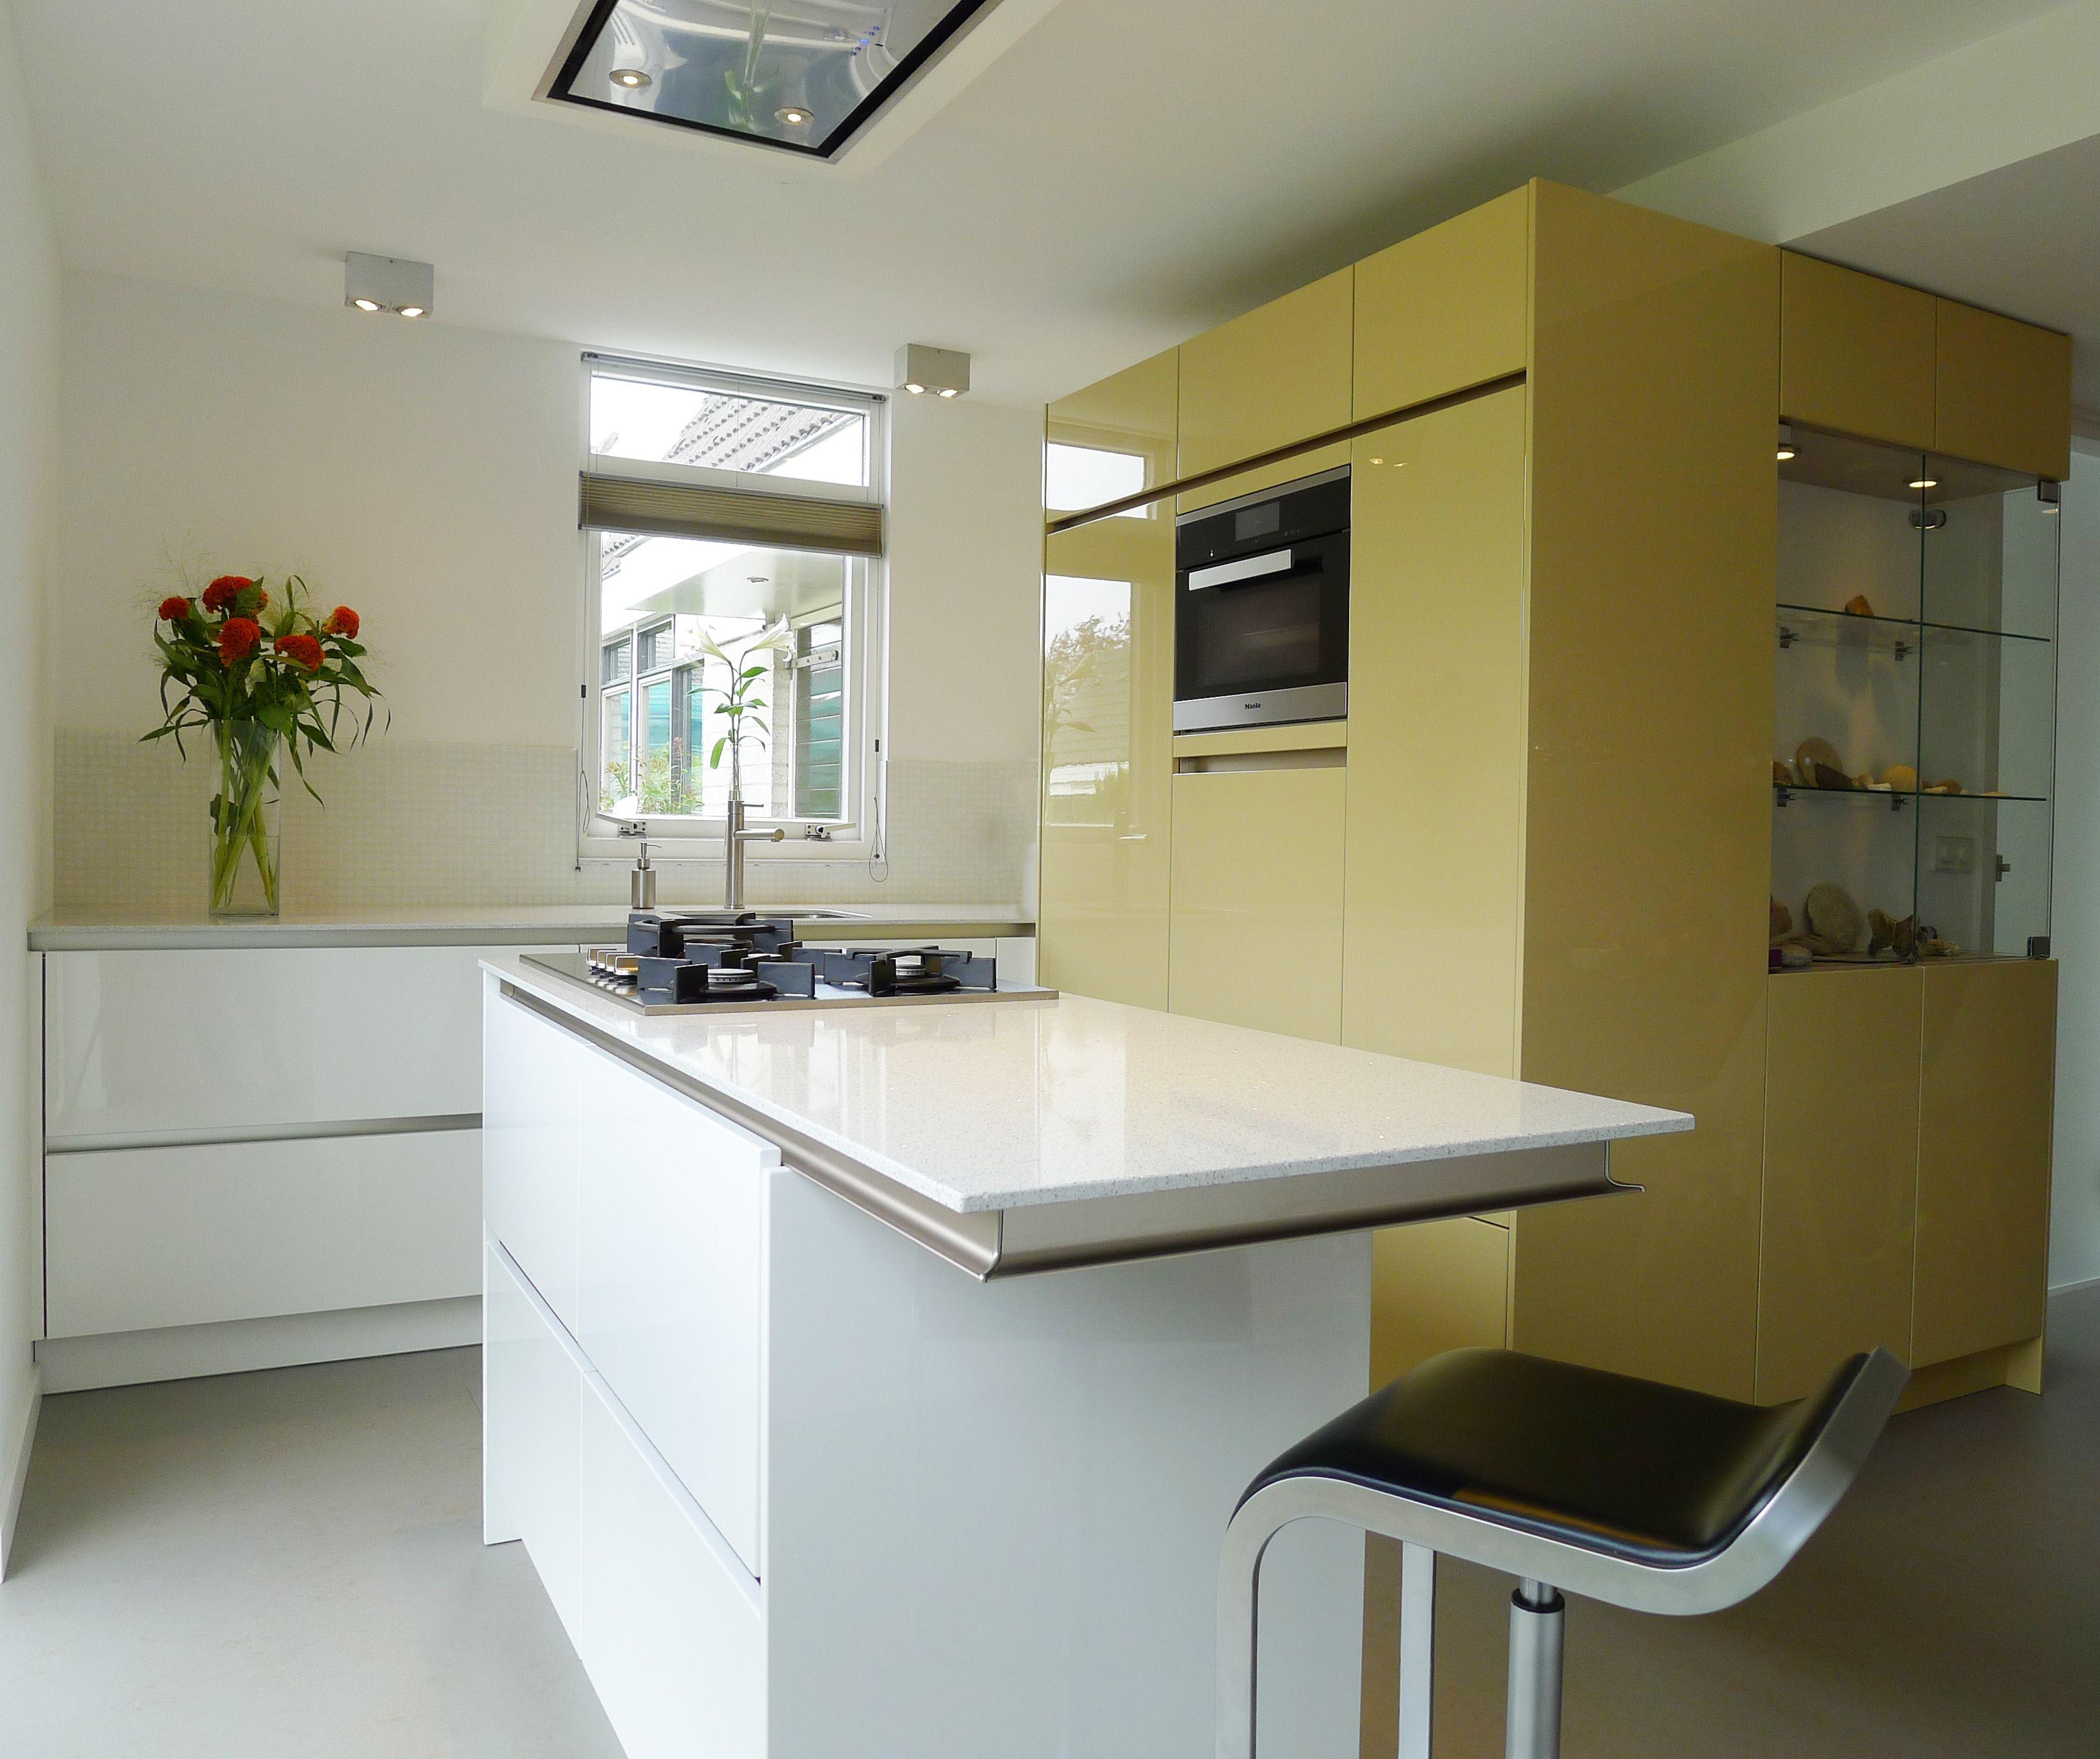 Ziemlich Low Budget Modulare Küche Design Fotos - Ideen Für Die ...